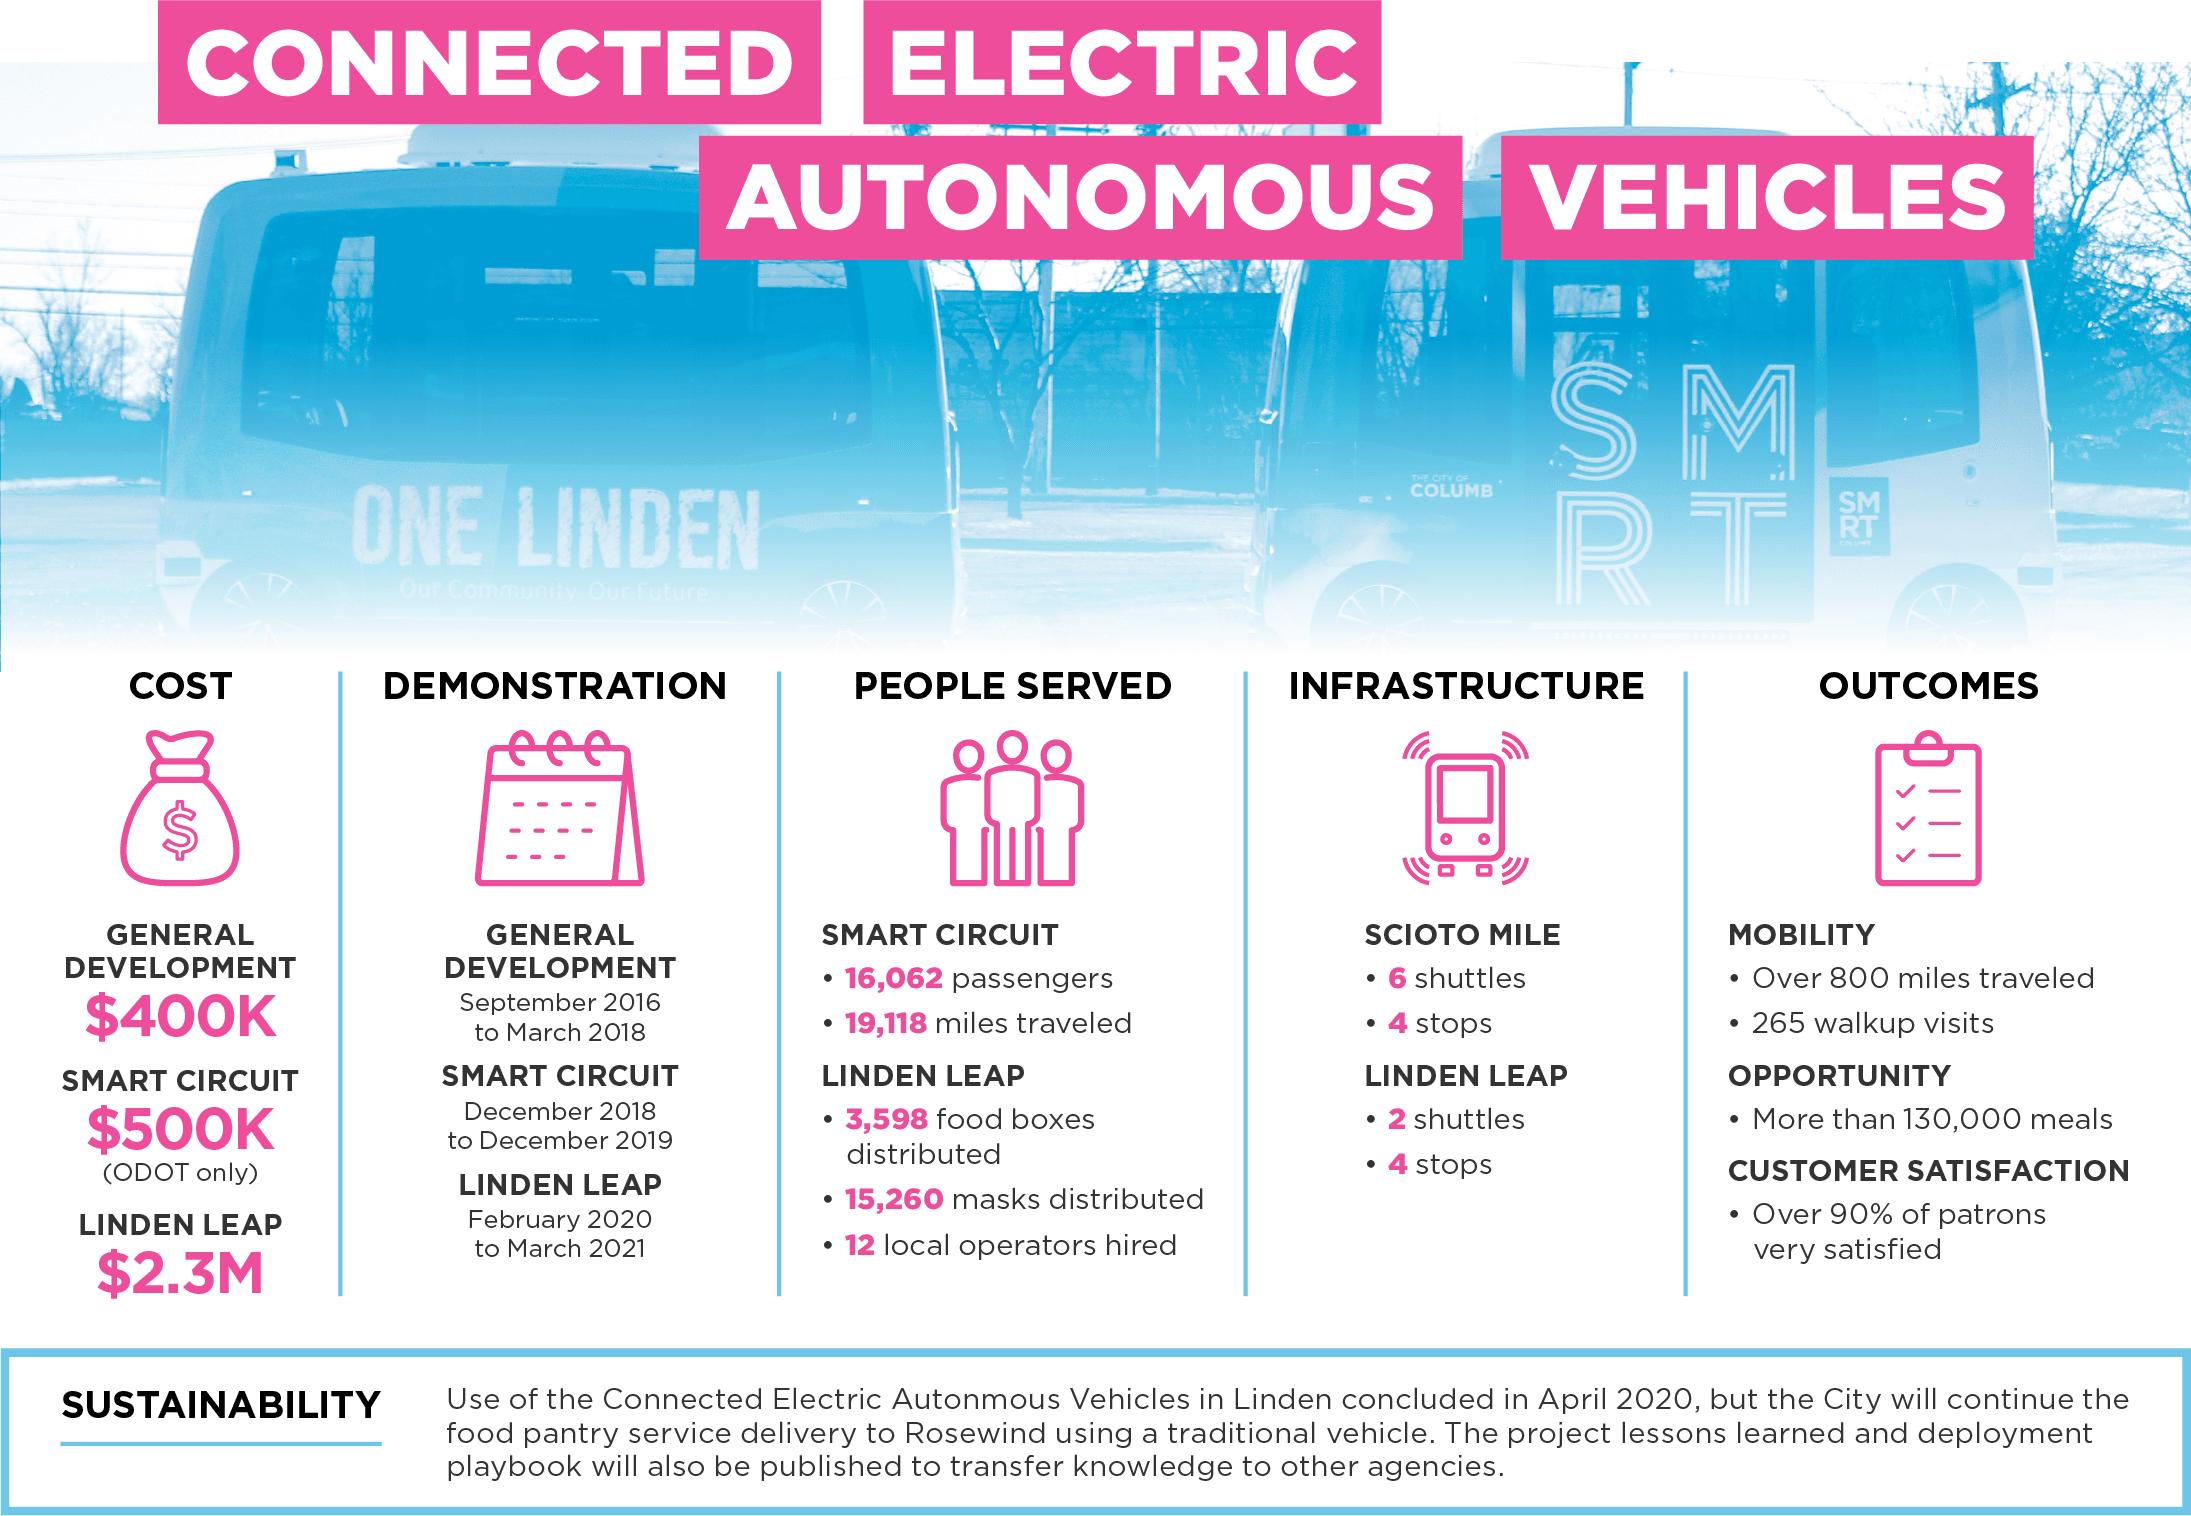 Connected Electric Autonomous Vehicles